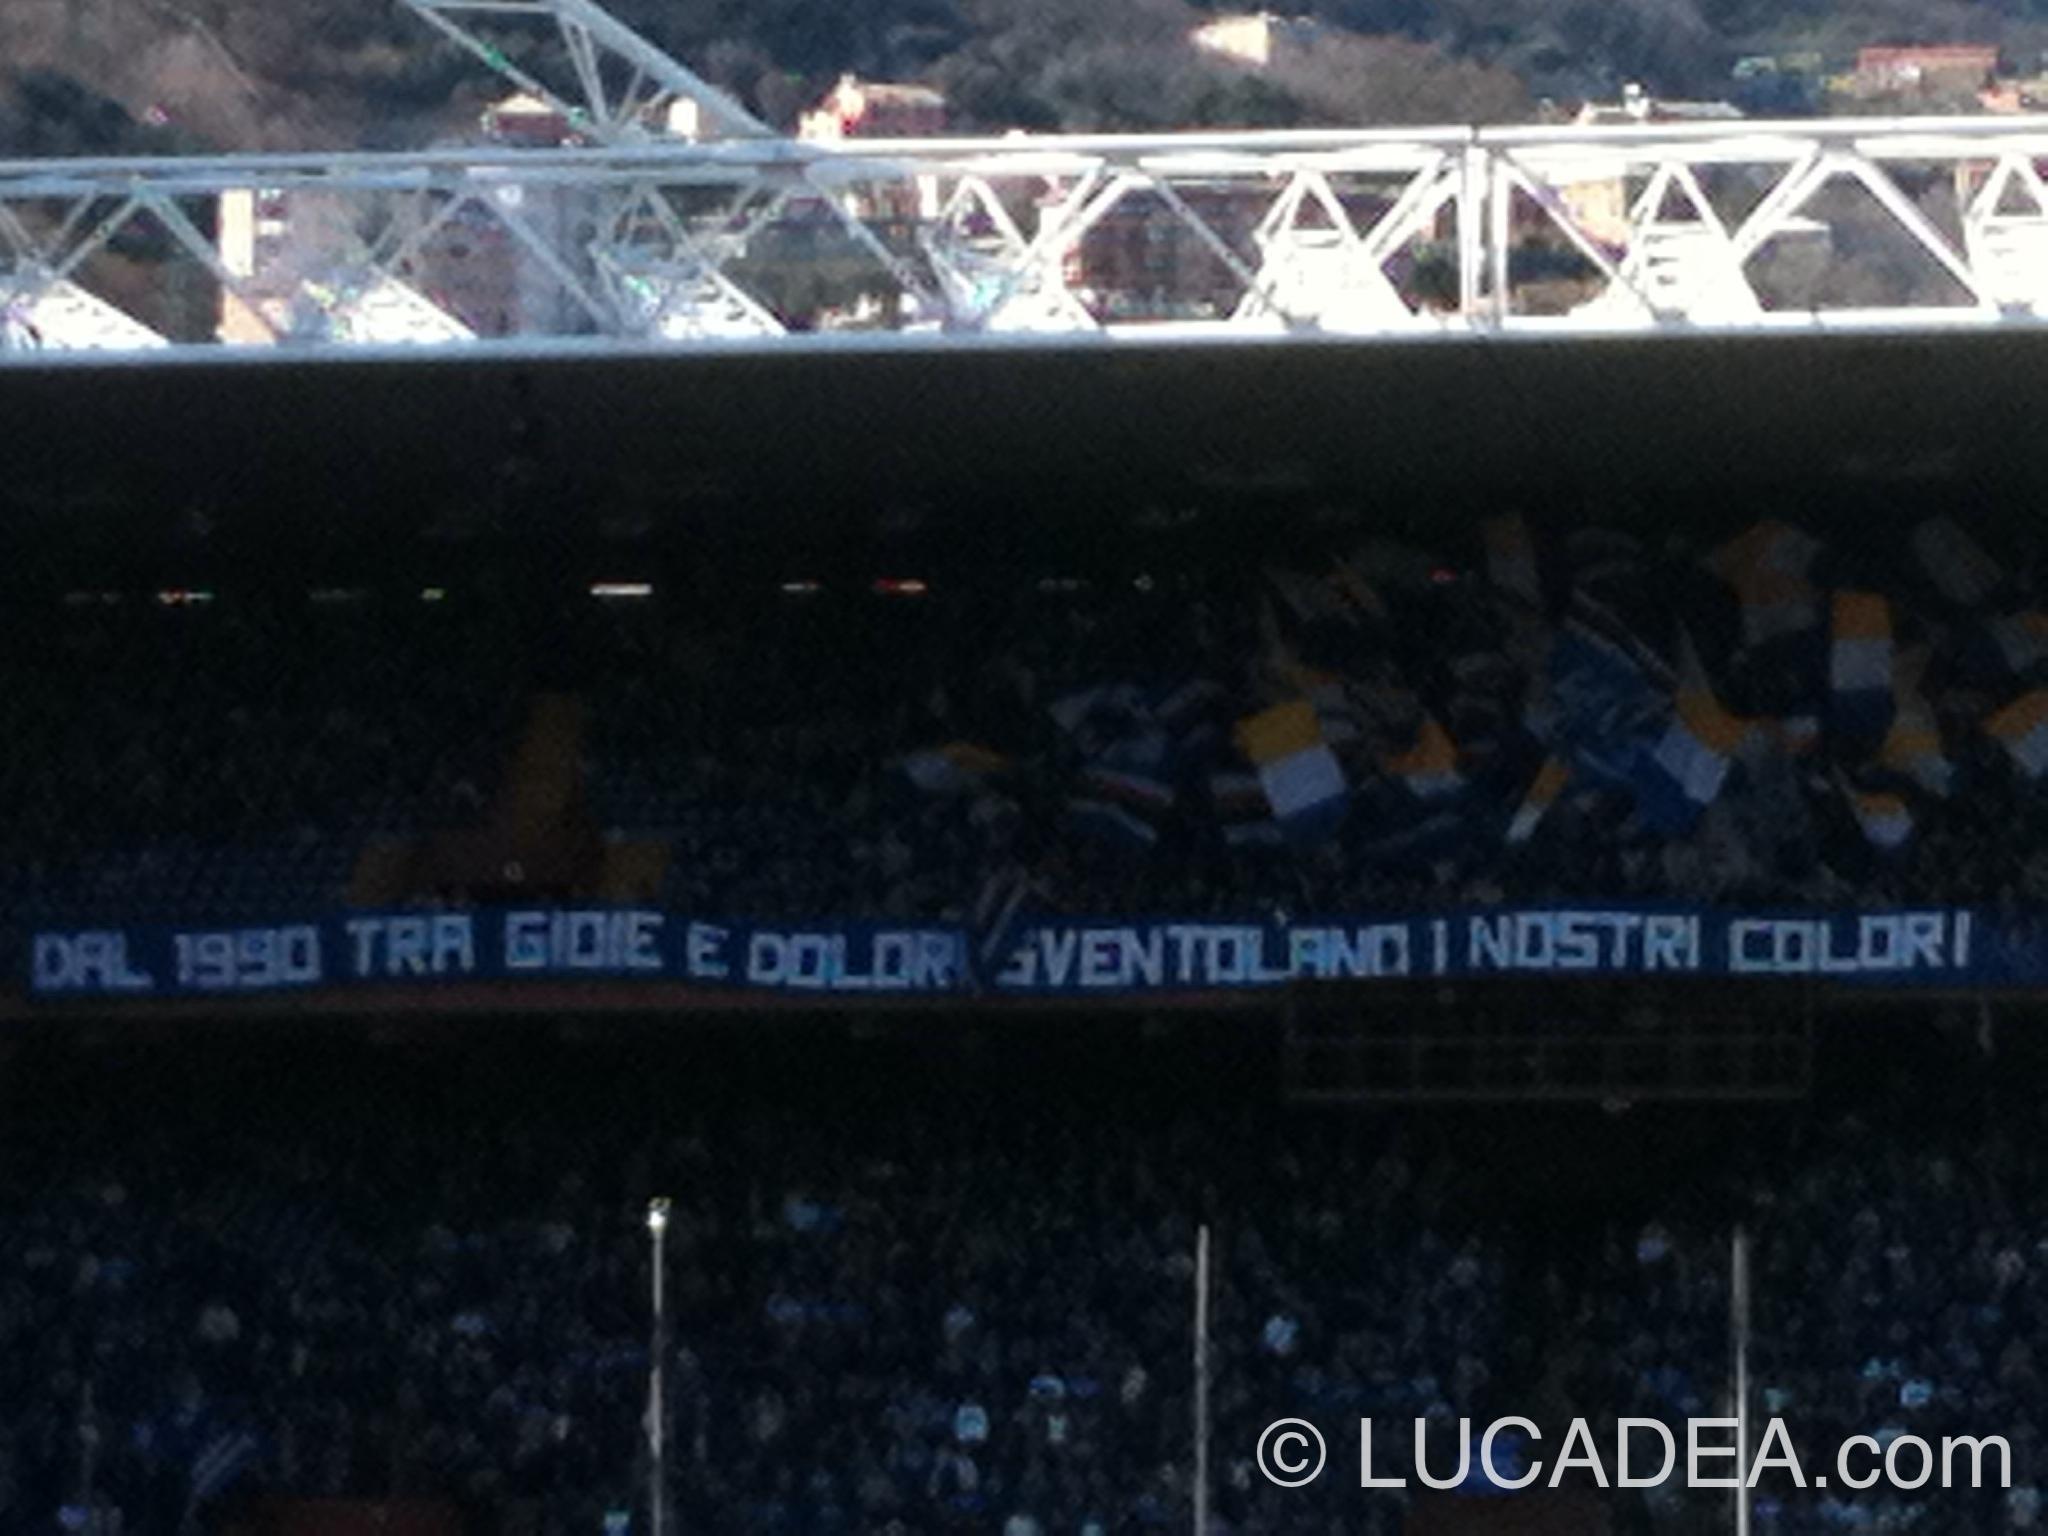 Sampdoria-Parma 2010/2011